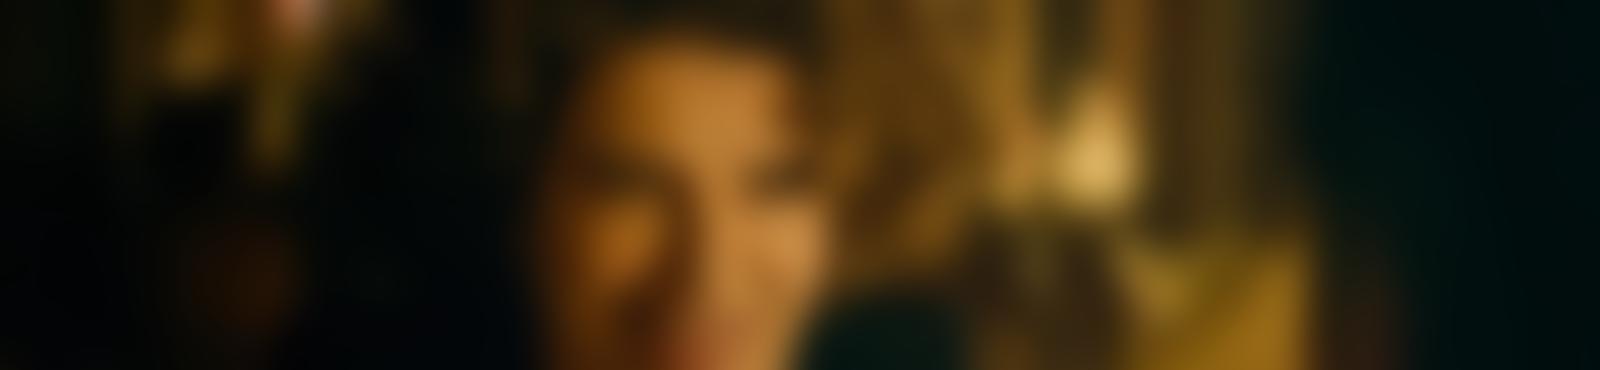 Blurred 6516040c 02f9 4bbe 9ddd 6f8905b0a5c4